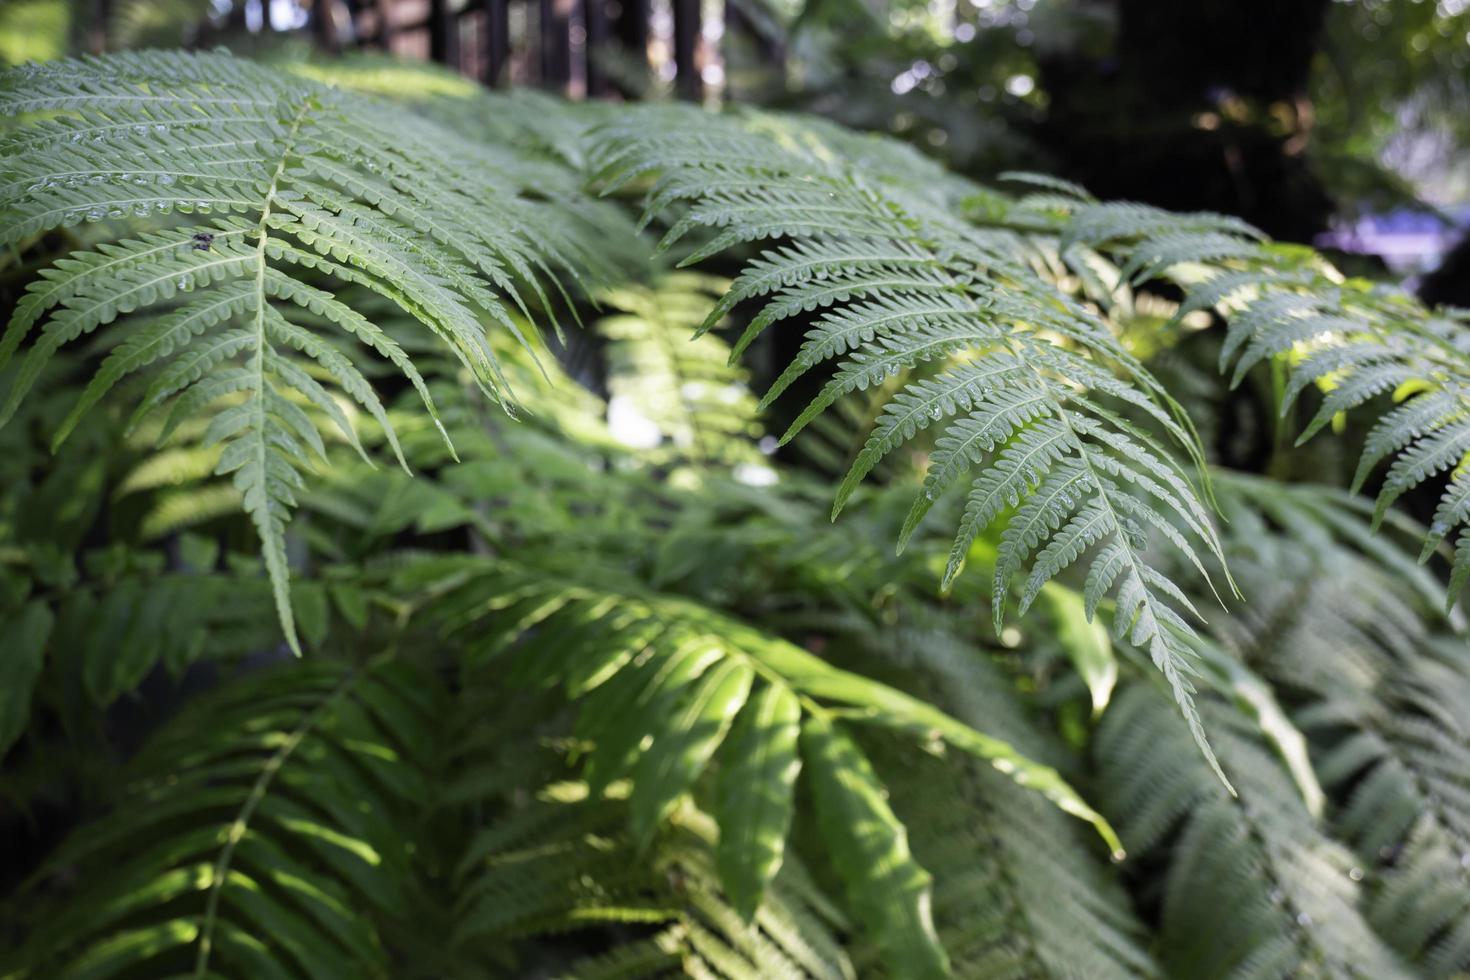 grote varenplant in de tuin foto